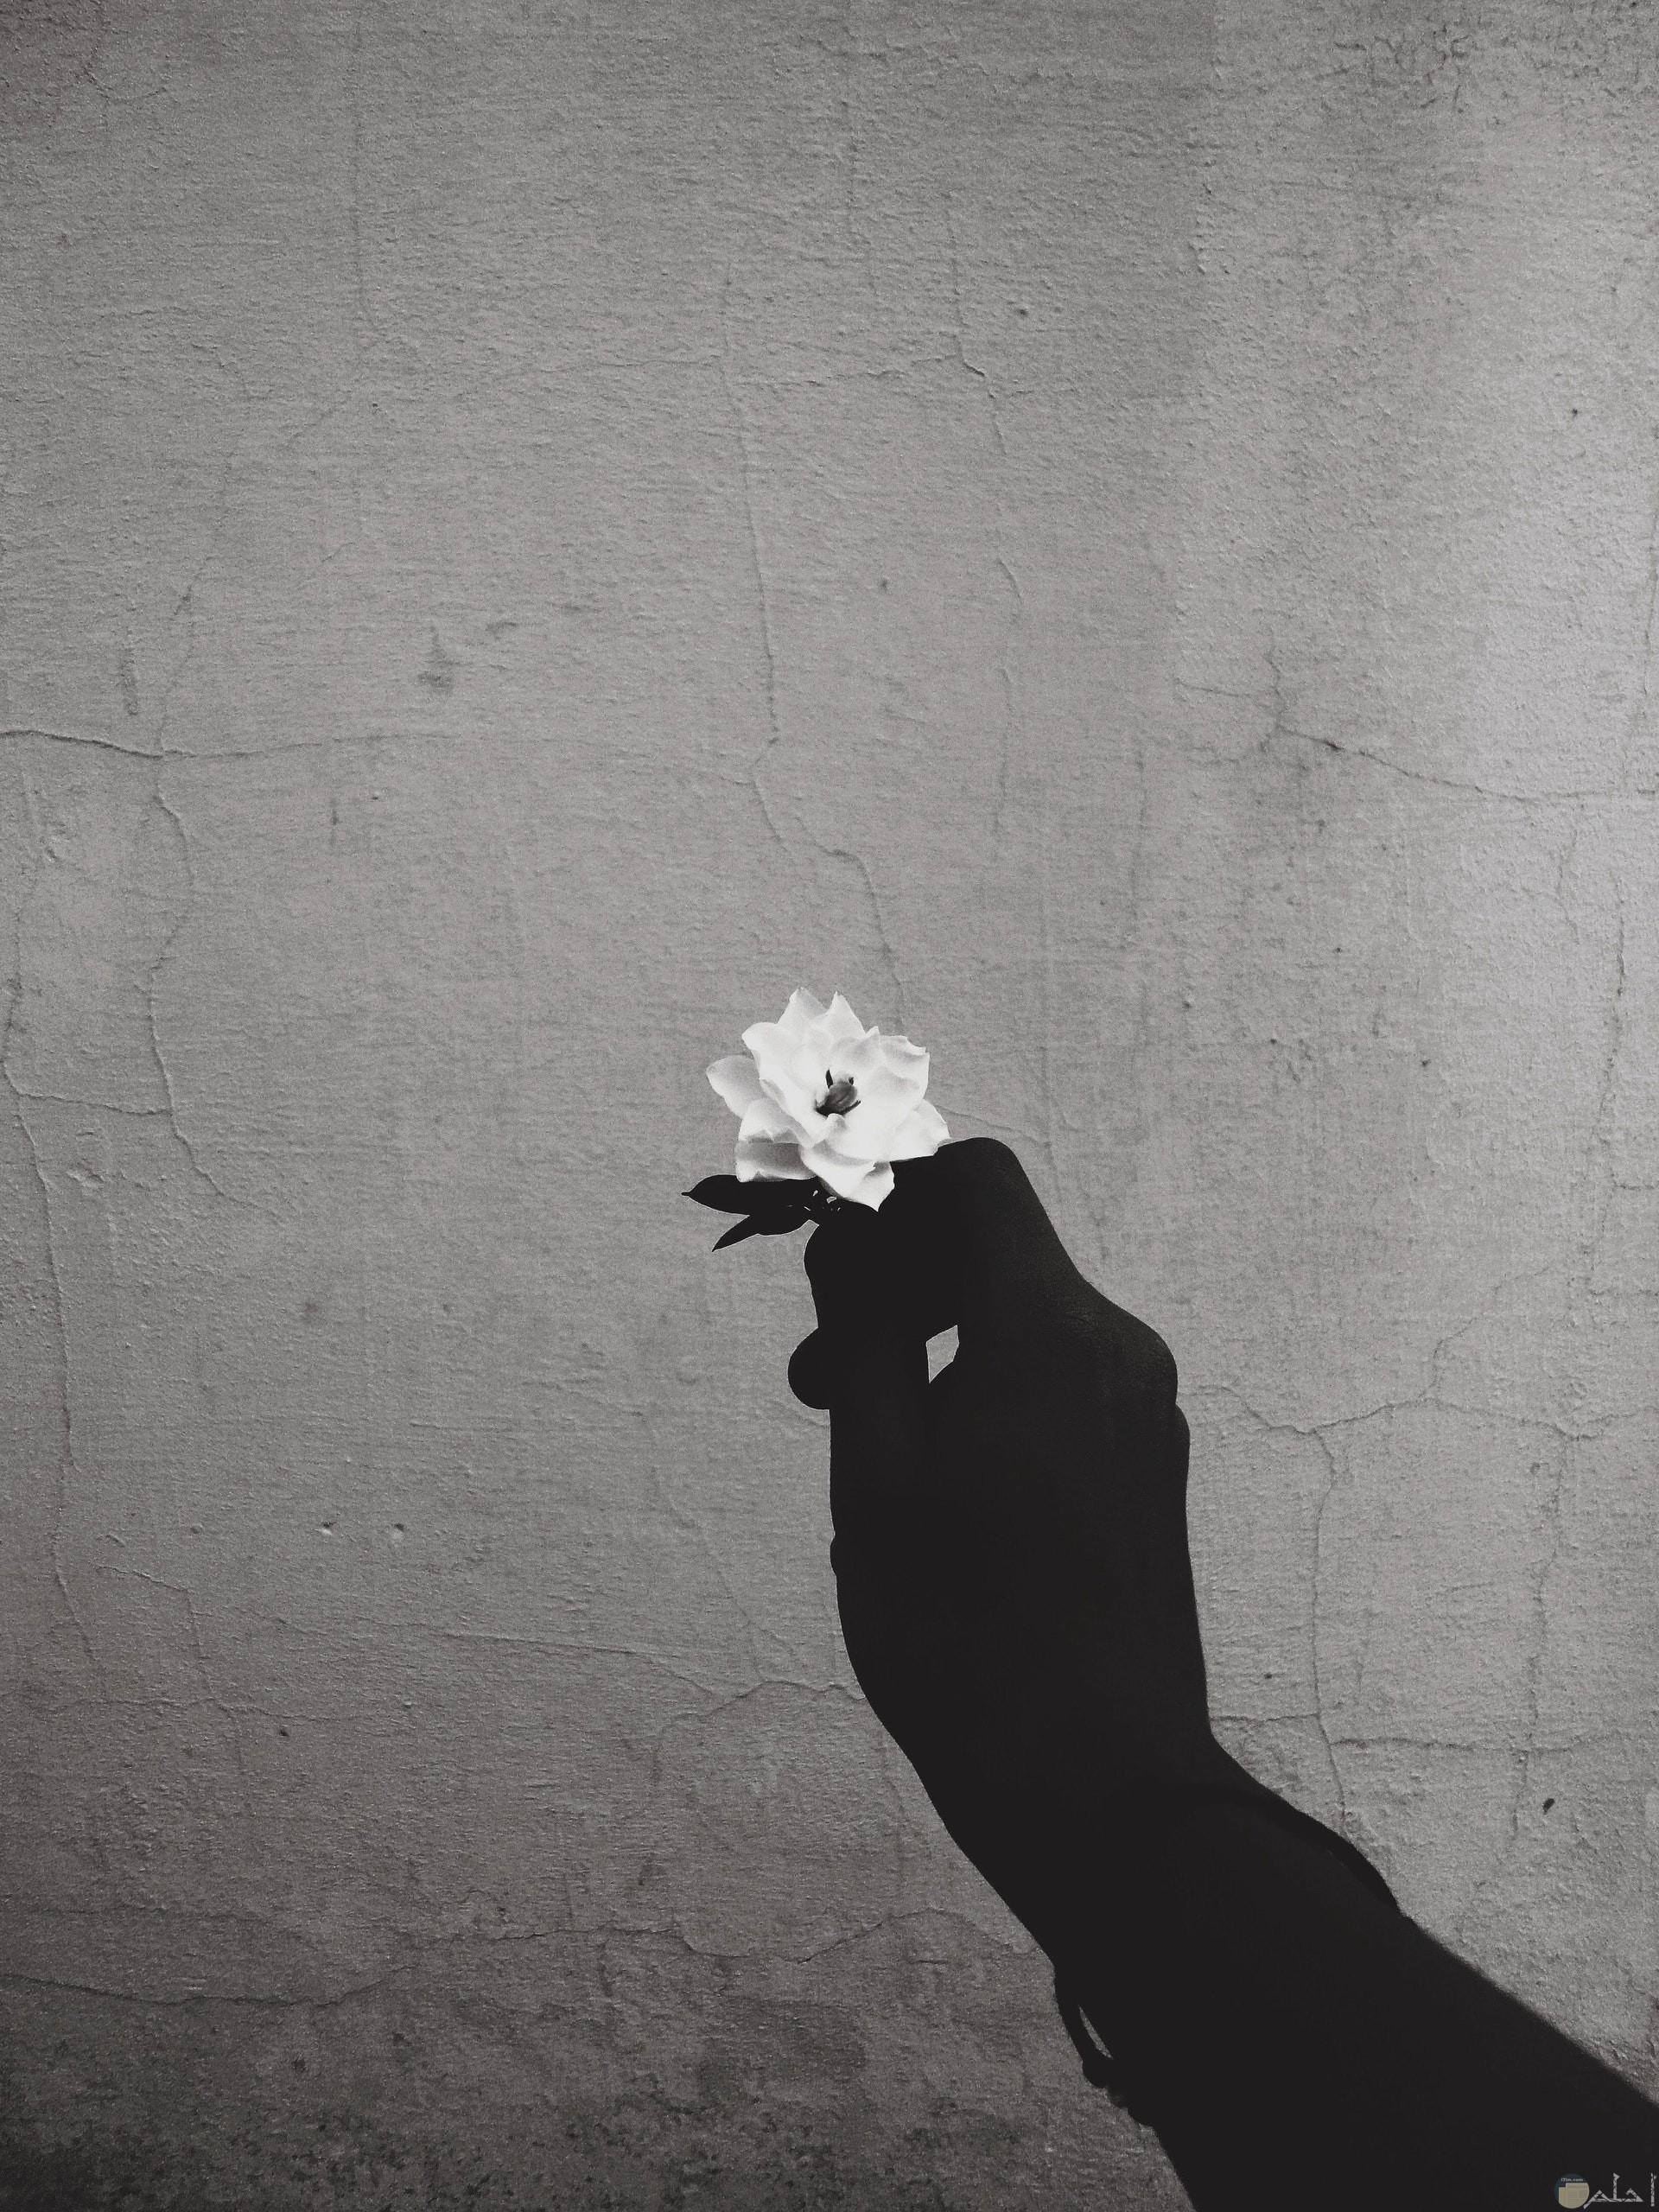 صورة حزينة بالابيض والأسود لوردة بيضاء صغيرة حزينة تحملها يد